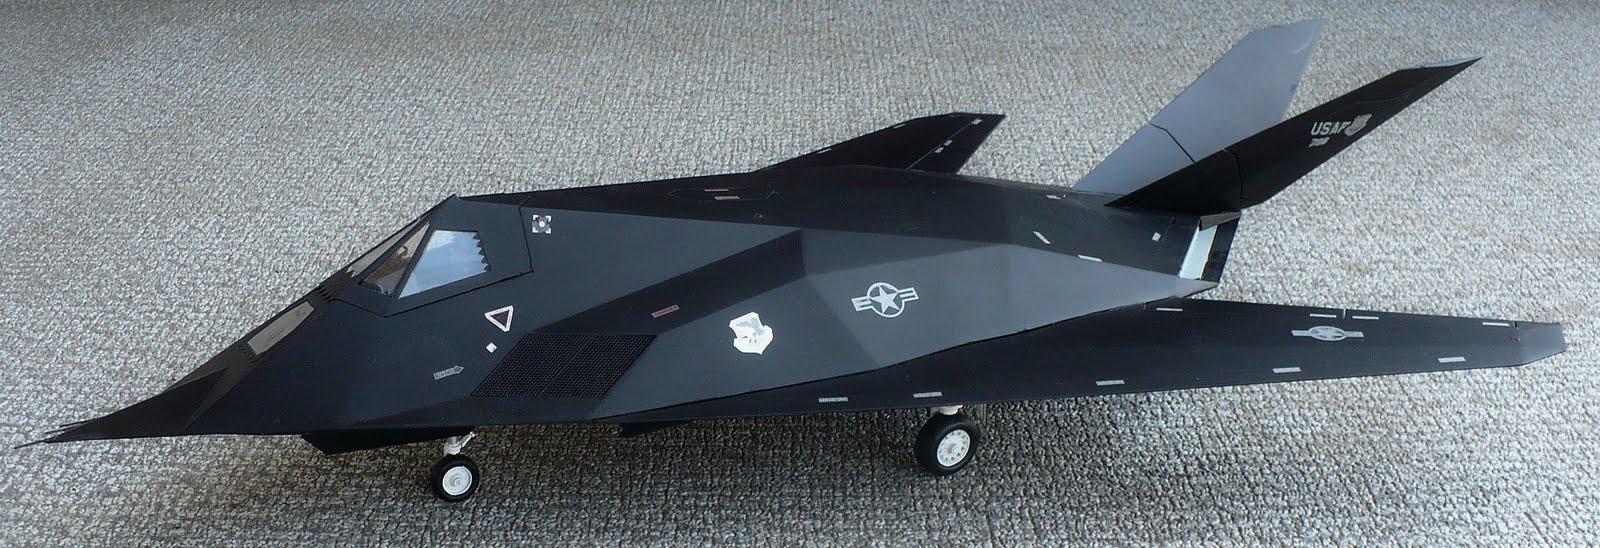 F 117 Nighthawk The Great Canad...